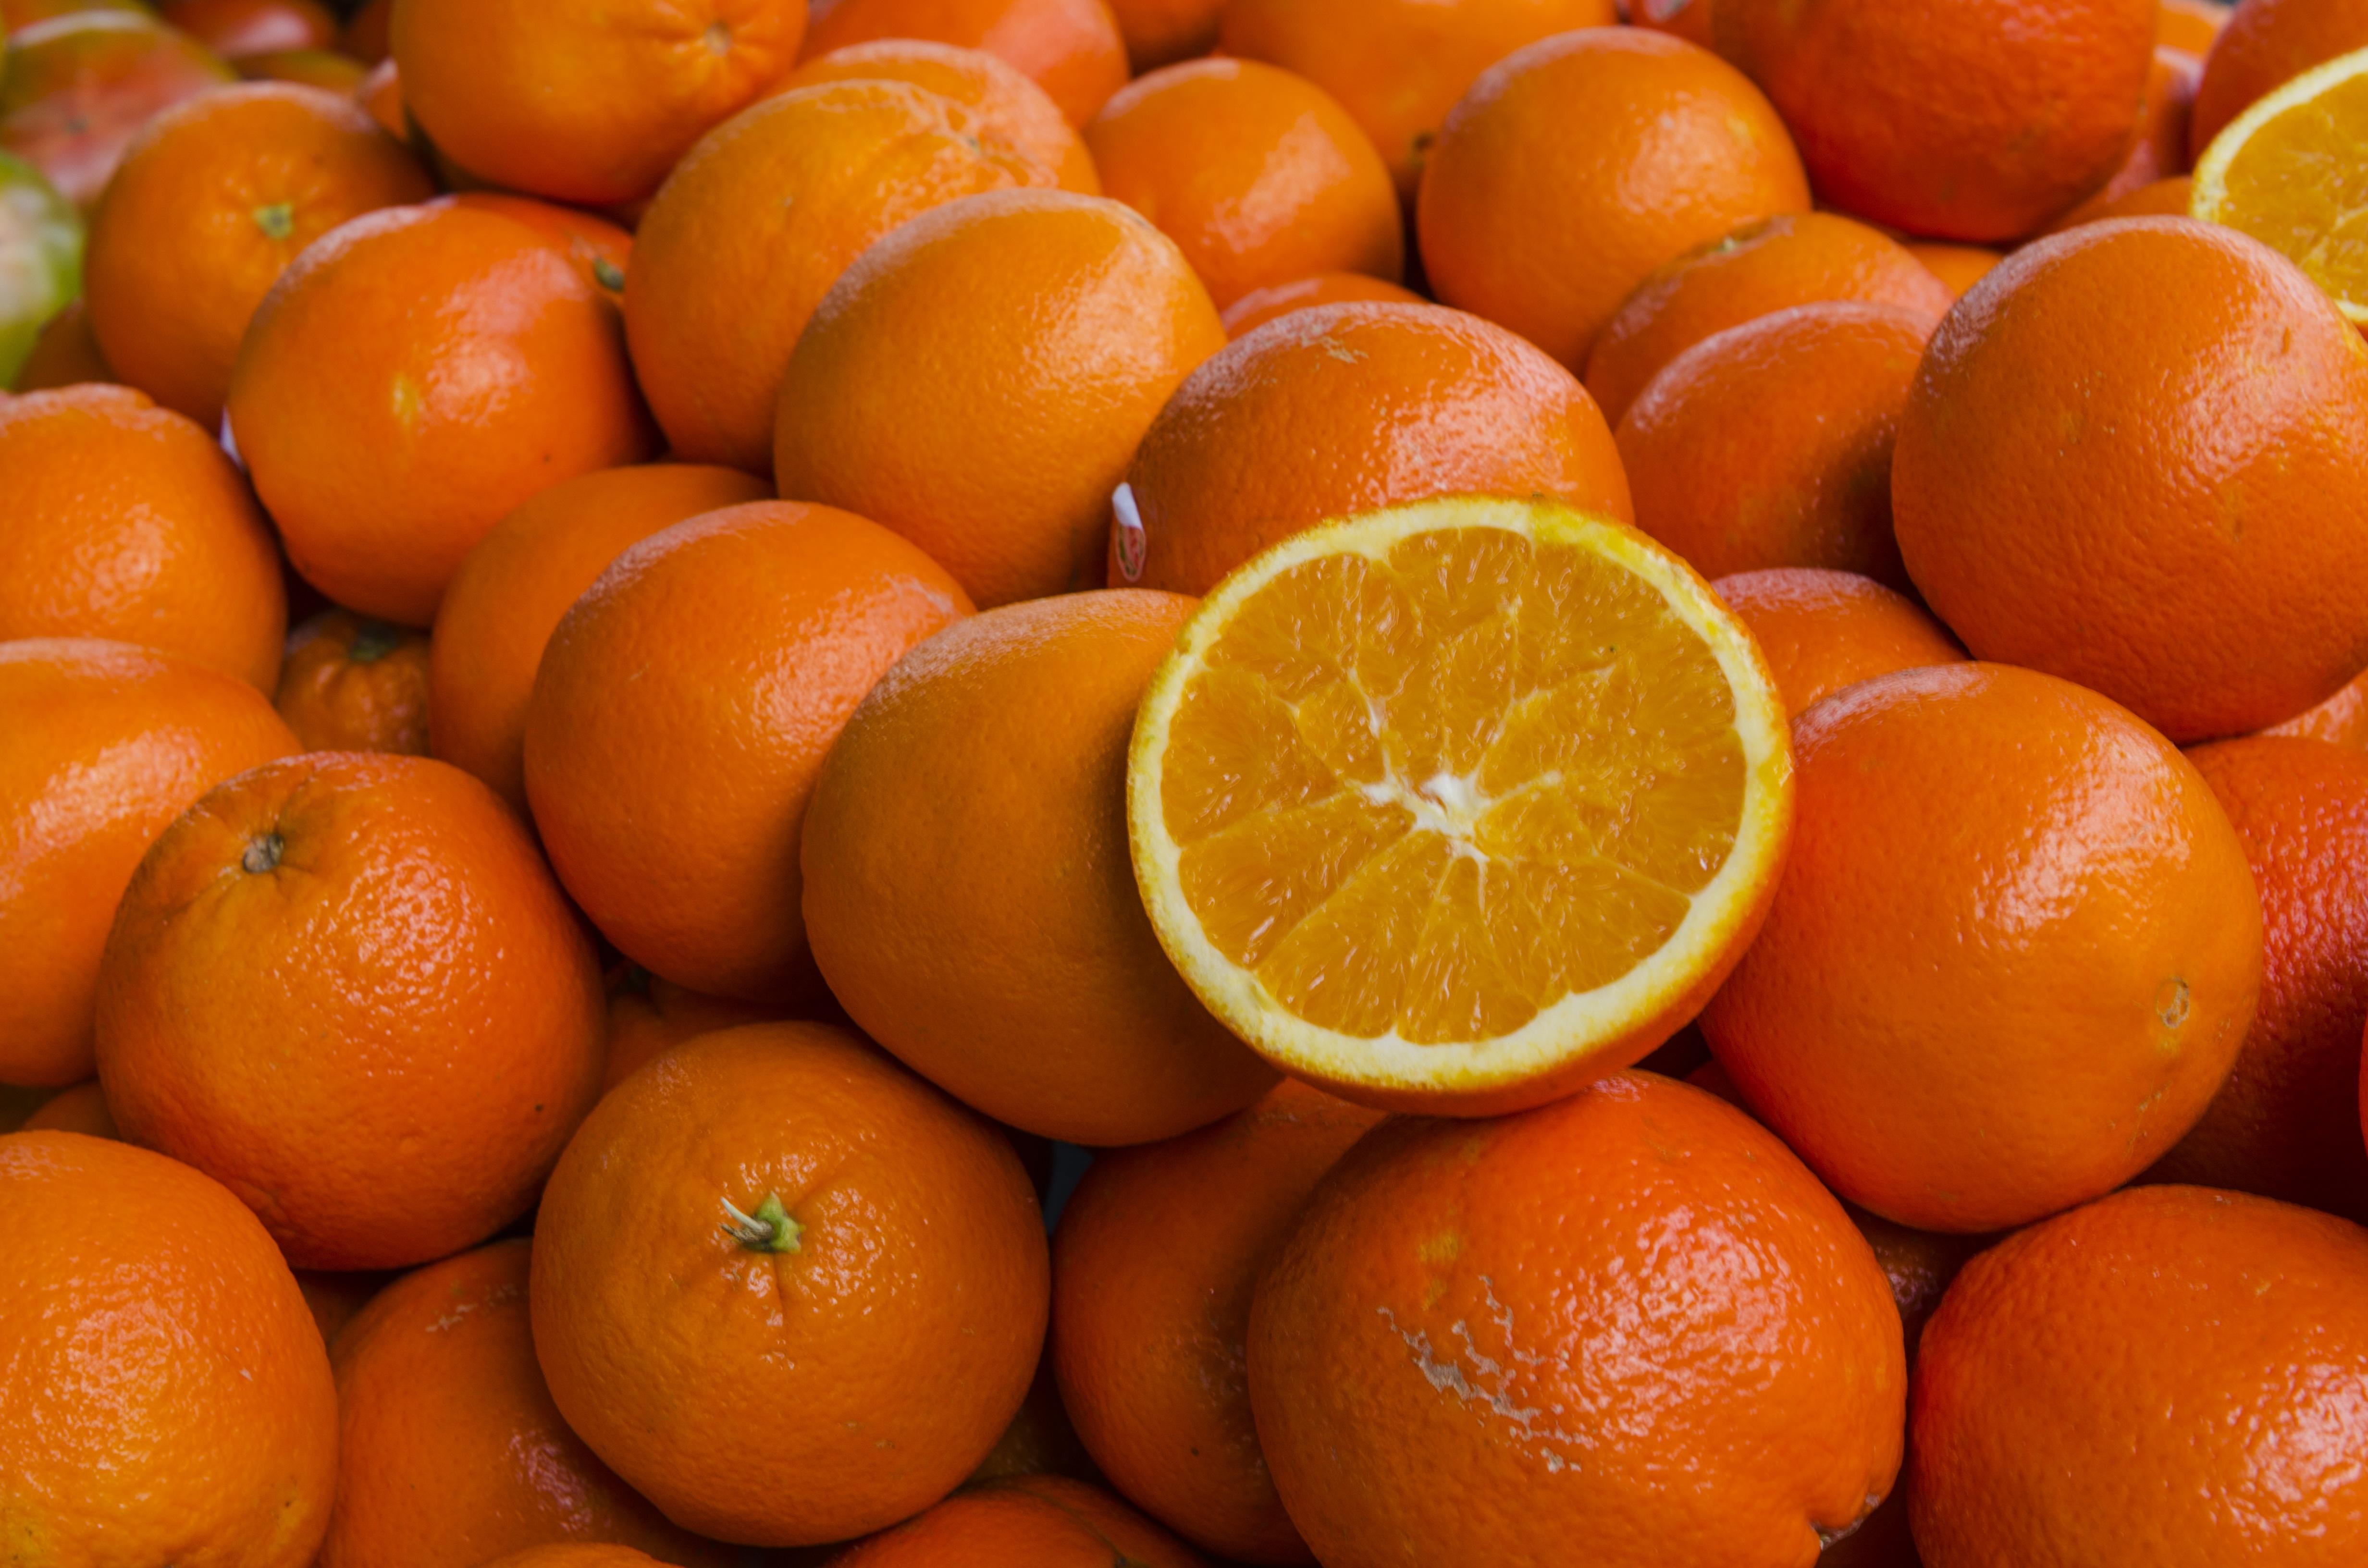 свежие апельсины картинки для водительских